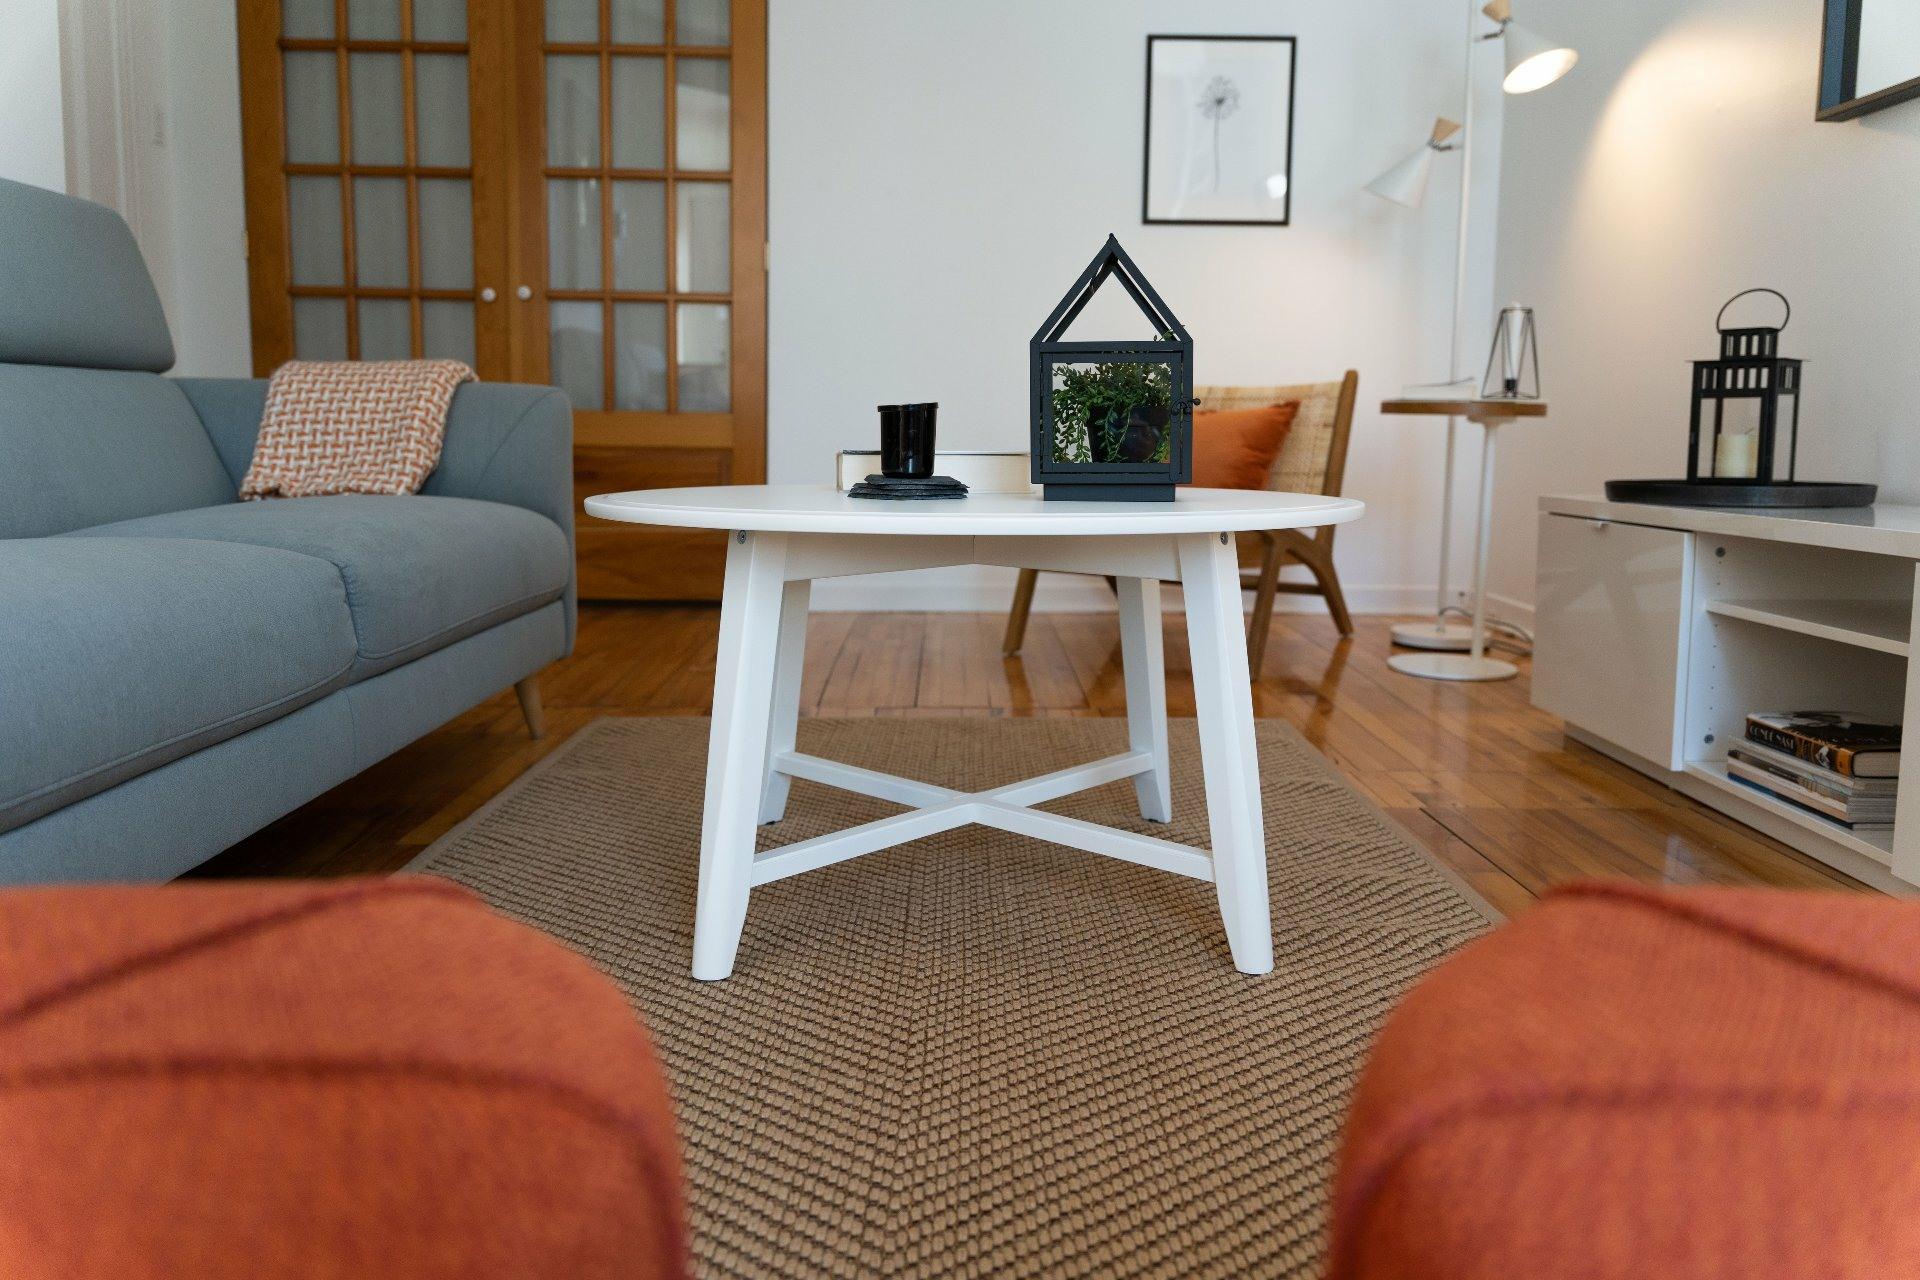 image 26 - Duplex For sale Le Plateau-Mont-Royal Montréal  - 5 rooms